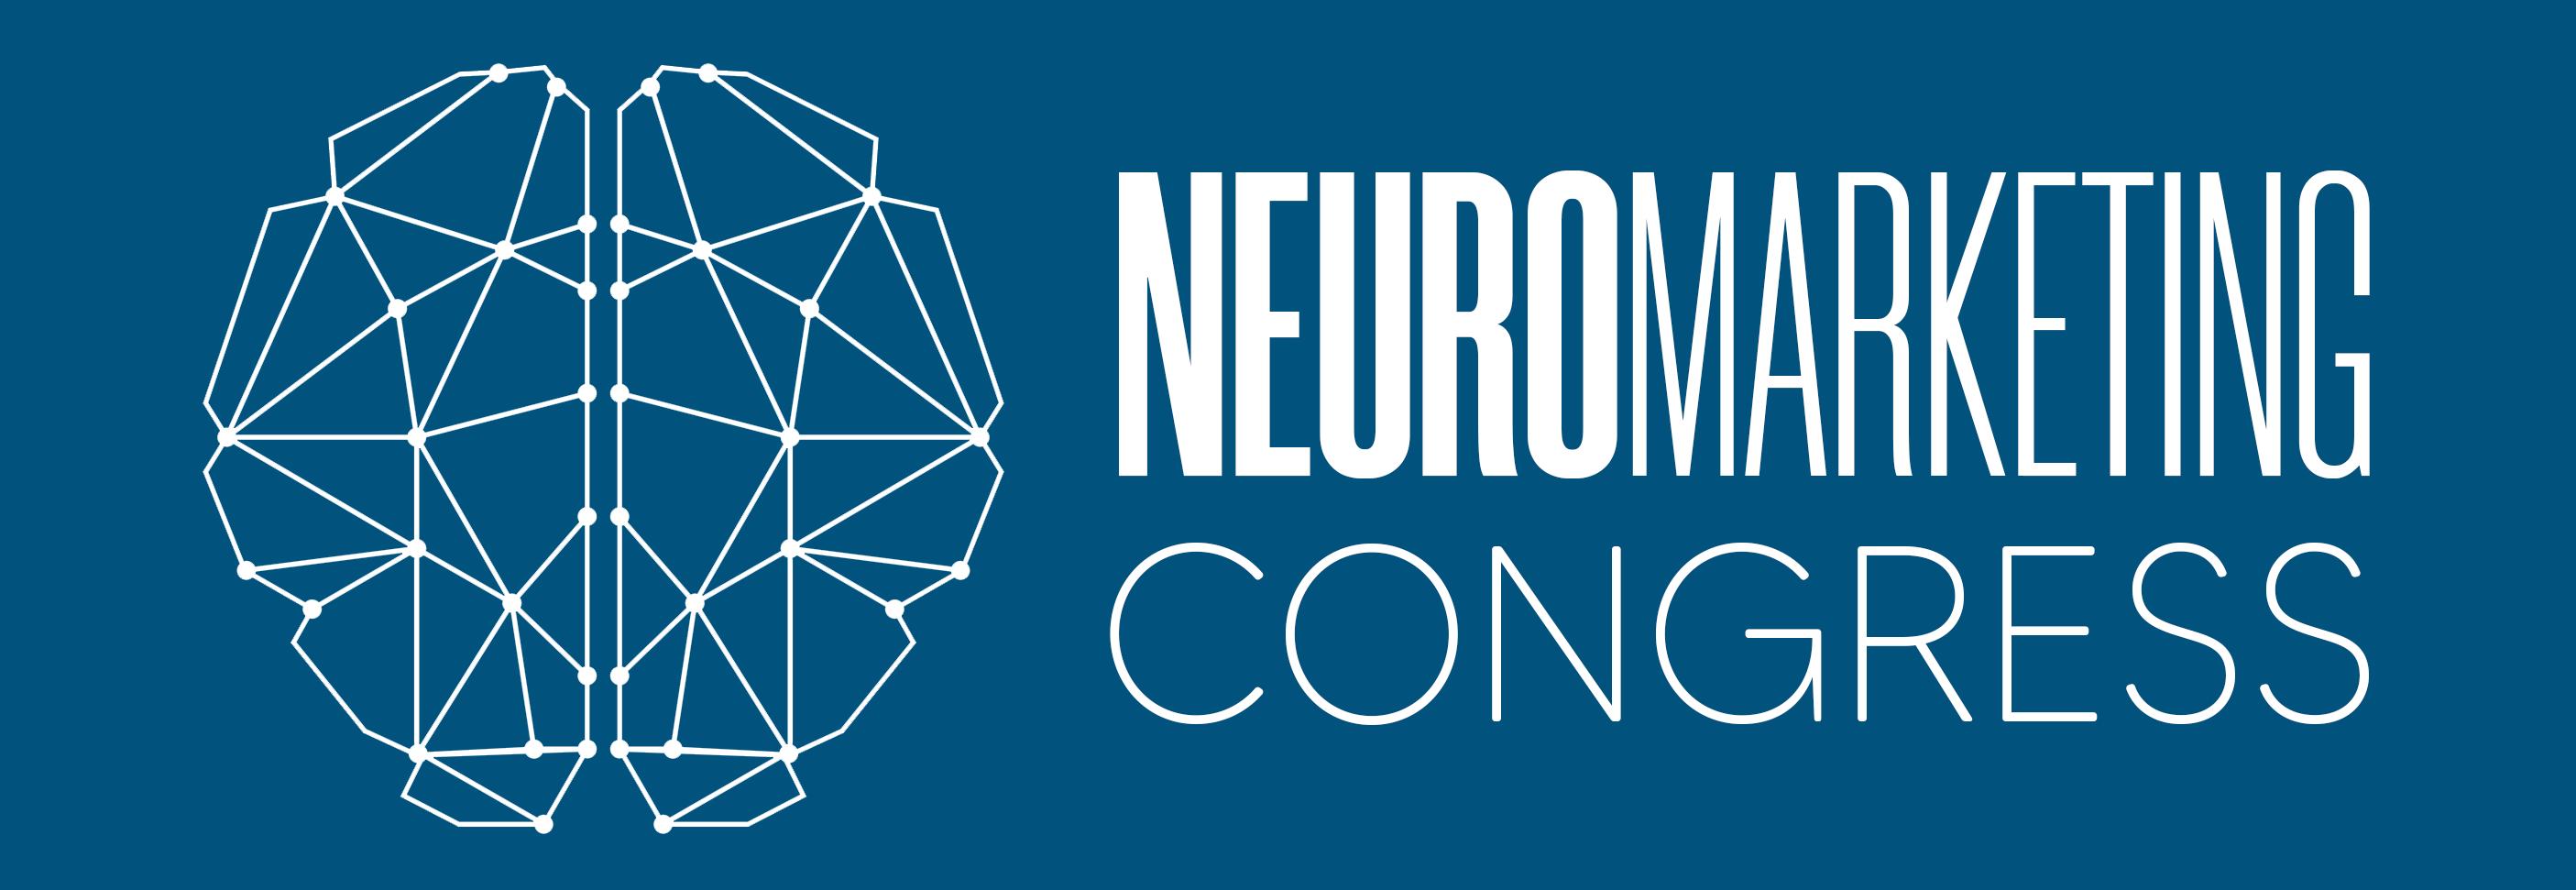 neuromarketing-congress-2020-nestor-romero